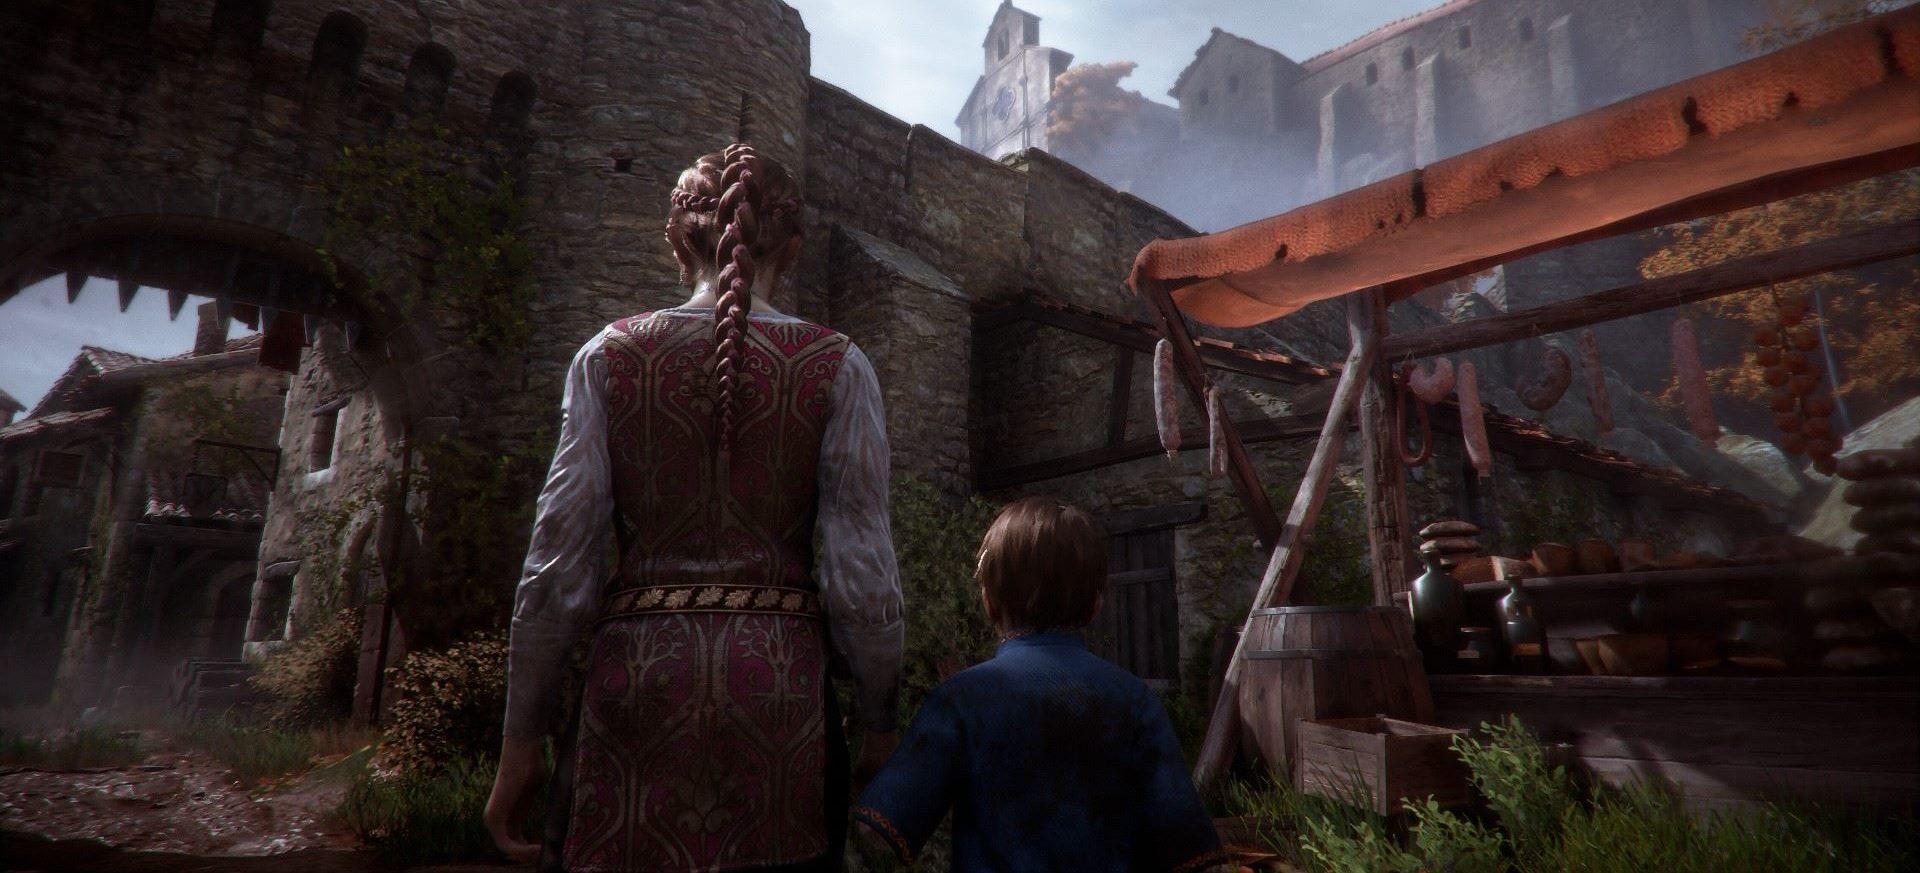 Французский издатель Focus Home Interactive отчитался о доходах за 2019 год и первый квартал 2020 года. Цифровые продажи составили 82% от общего объема продаж.